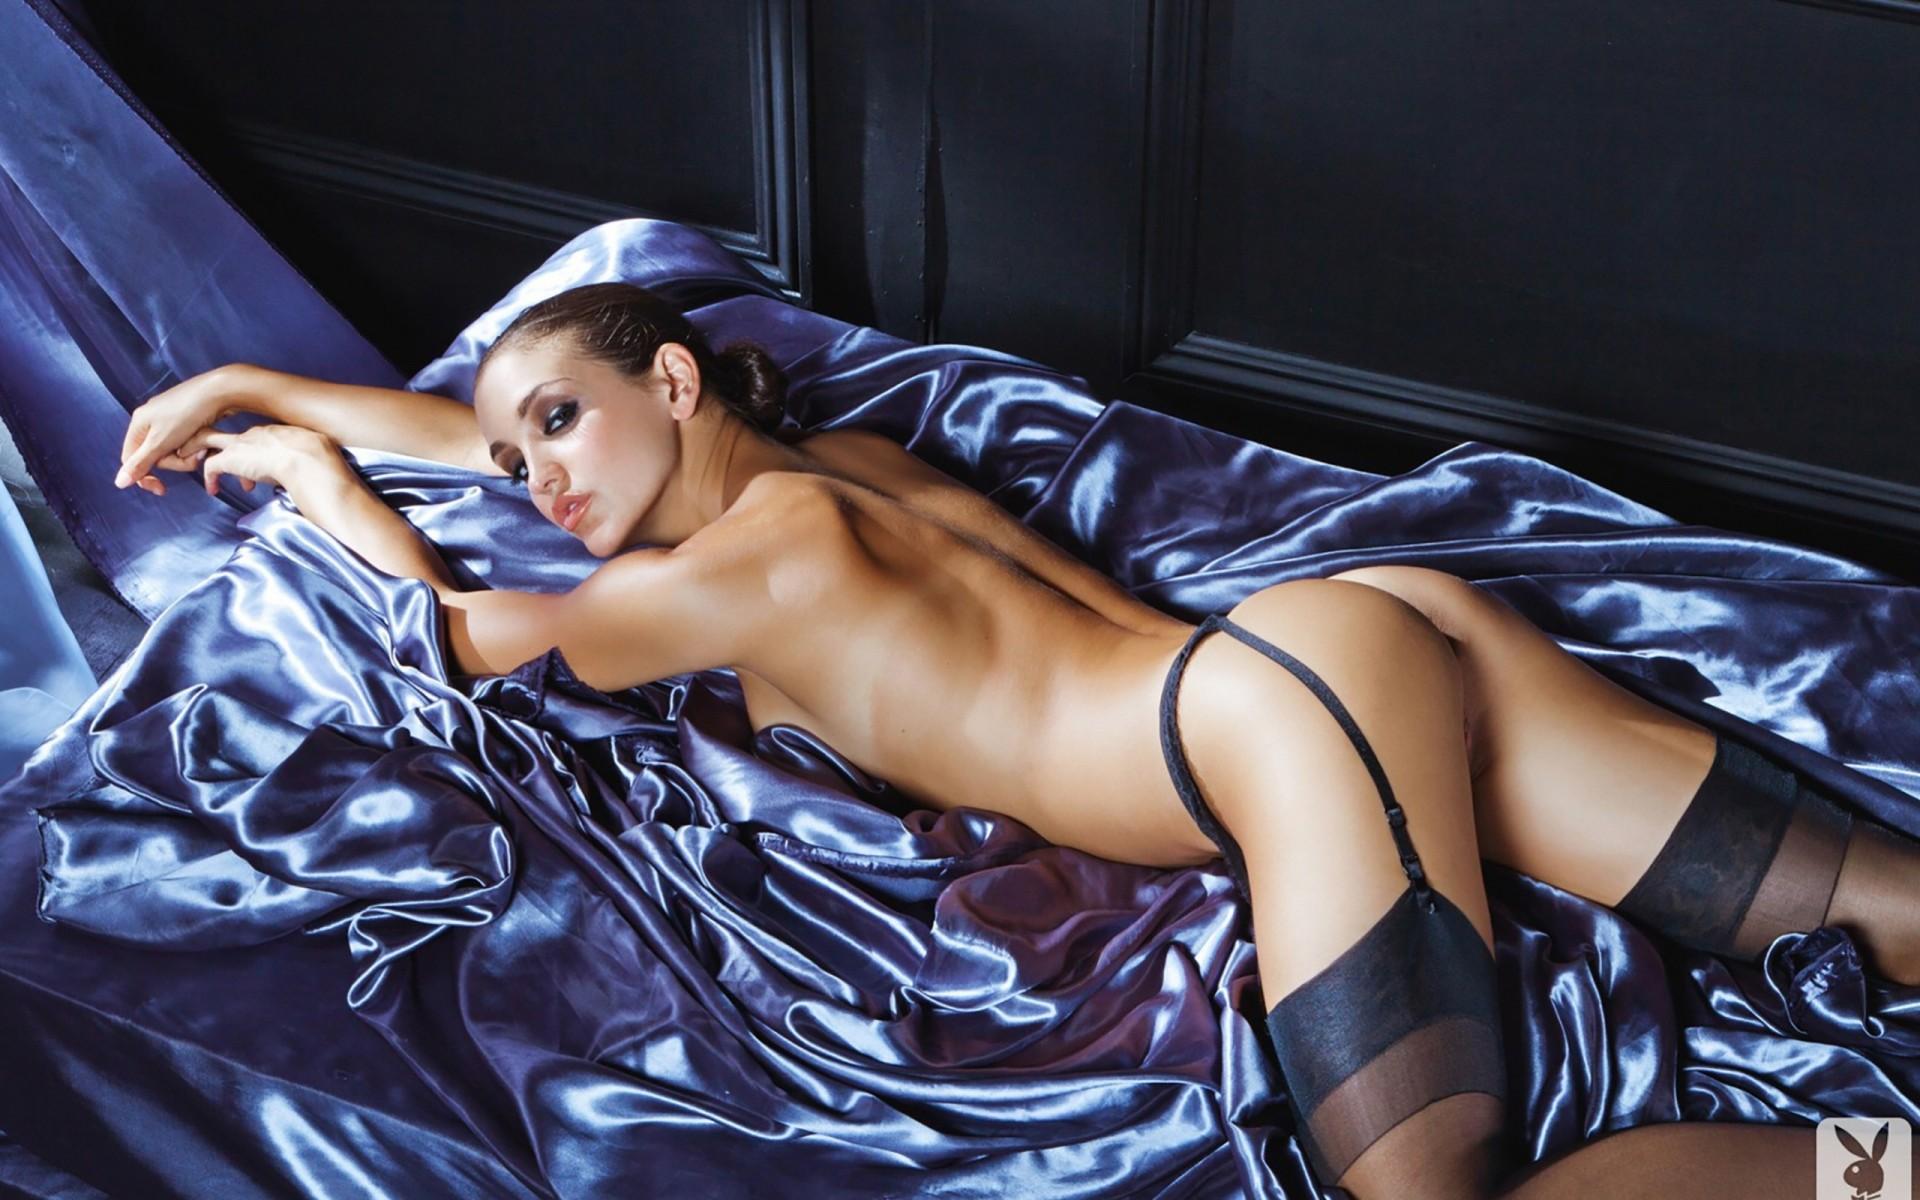 Эро фото модели, девушке вылизали попу смотреть онлайн